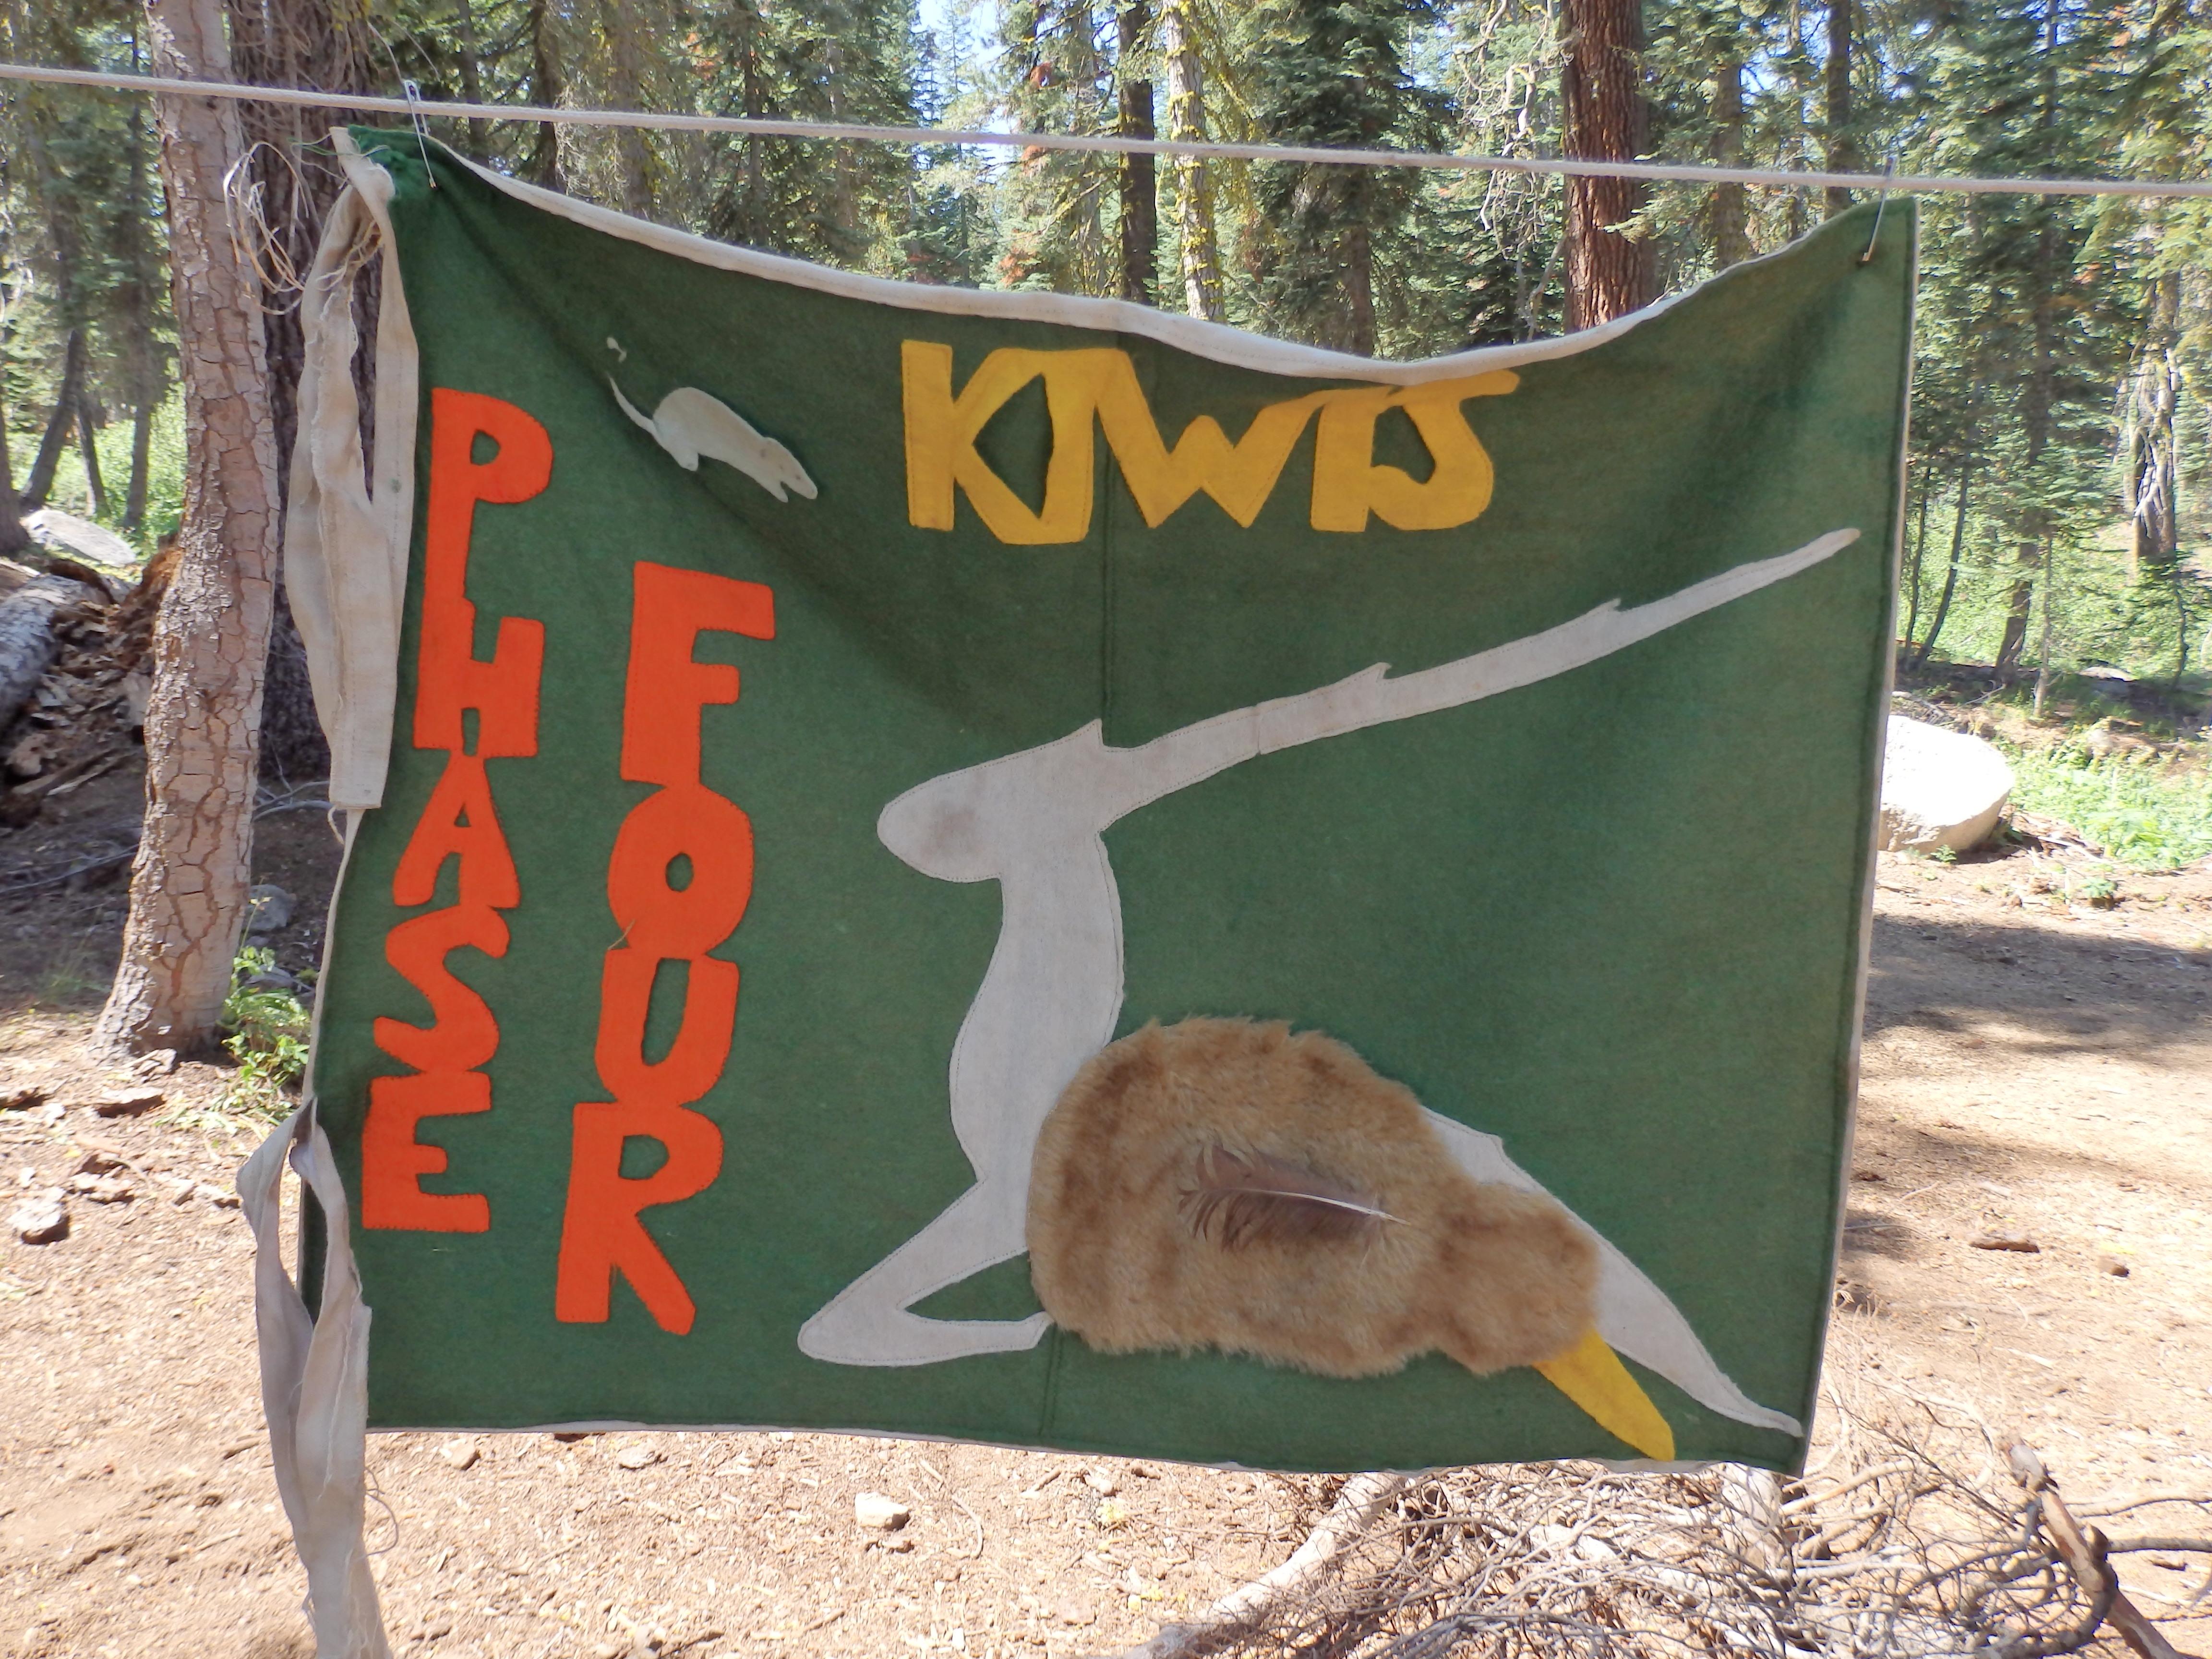 Kiwis patrol